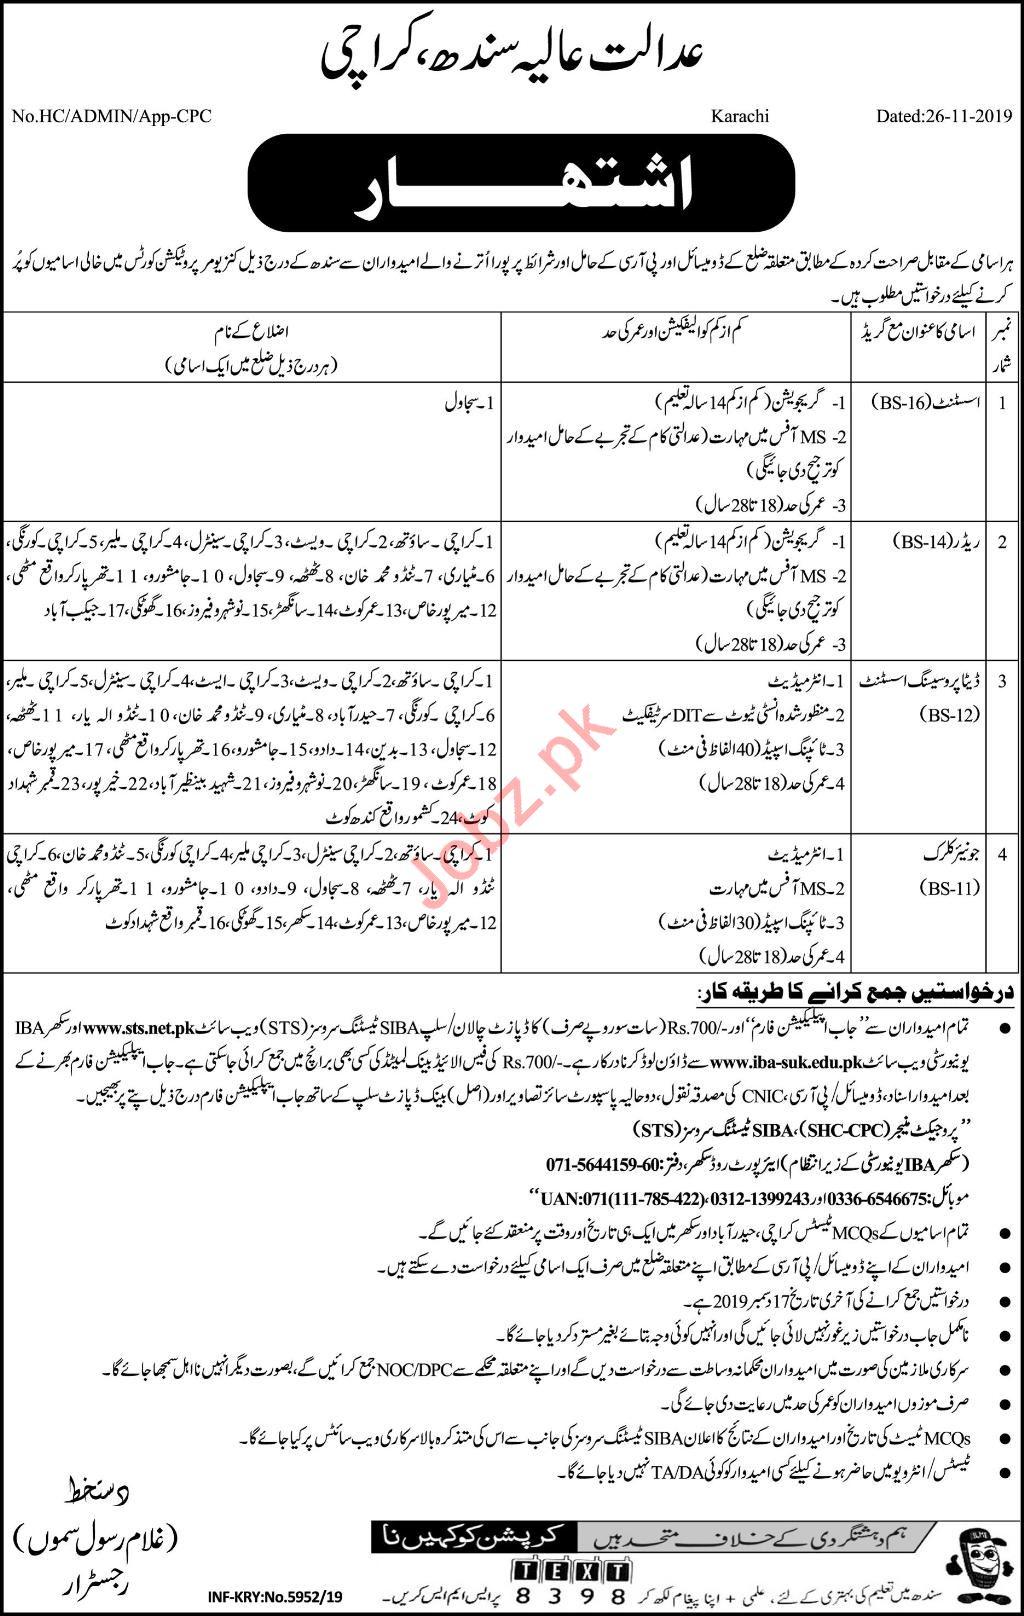 Sindh High Court Jobs 2019 via STS